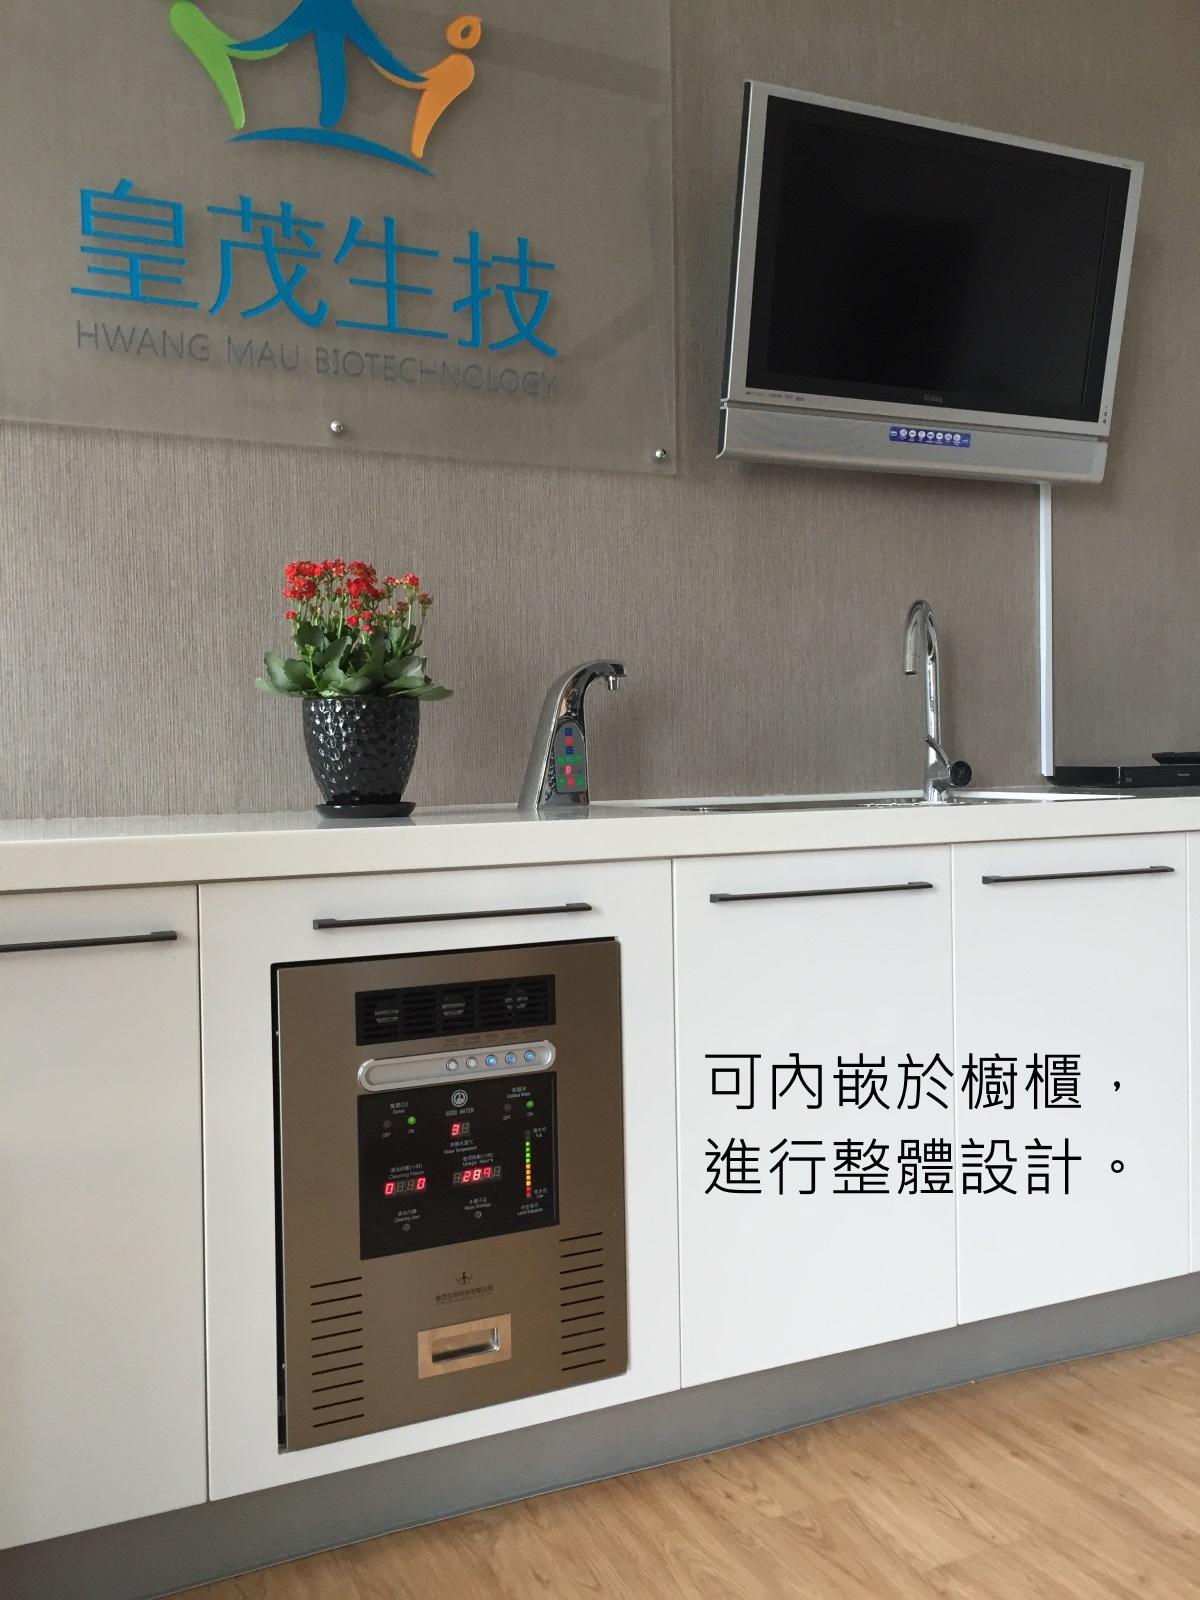 [新聞活動] 皇茂生技蒸餾臭氧機2015-05-29 002.jpg